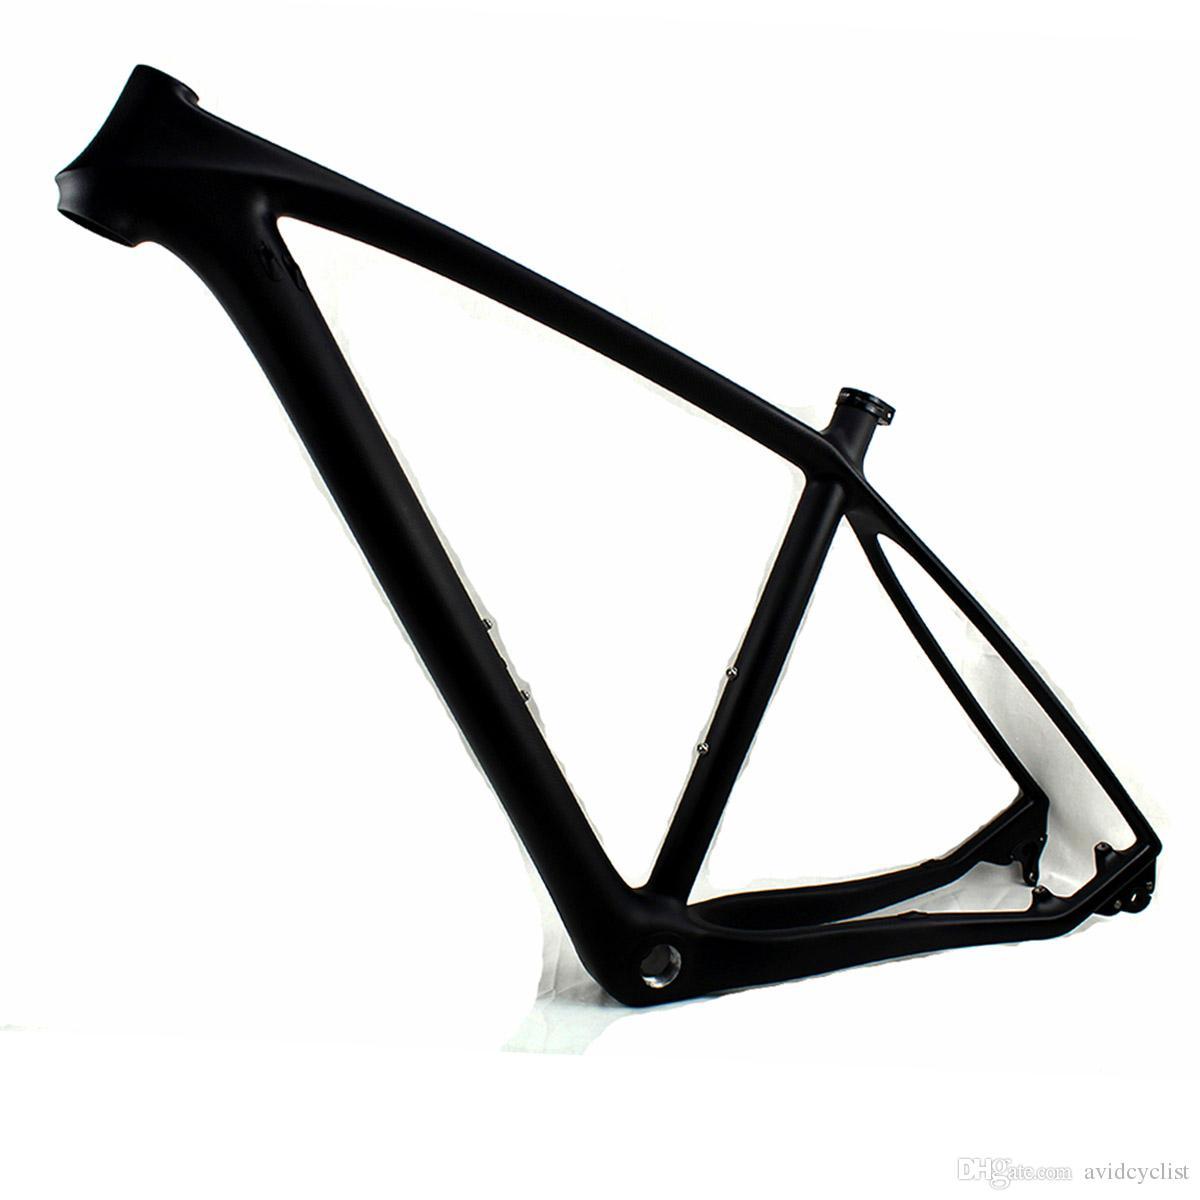 New 29er Carbon Mountain Bike Mountain cadres Thru Axle 142*12 135*9mm Mountain Bike carbon Frame